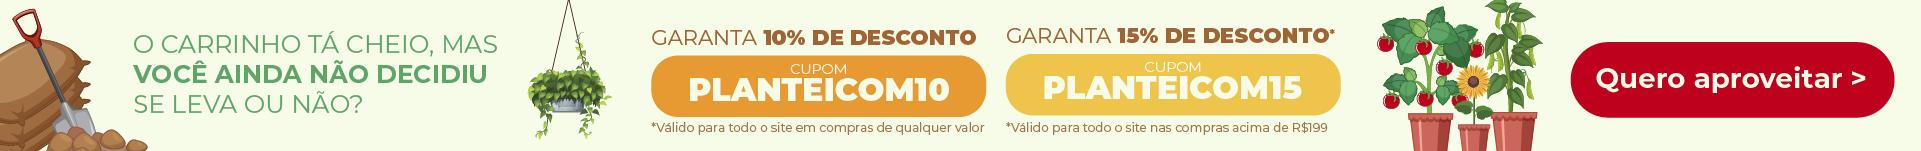 USE UM CUPOM DE DESCONTO